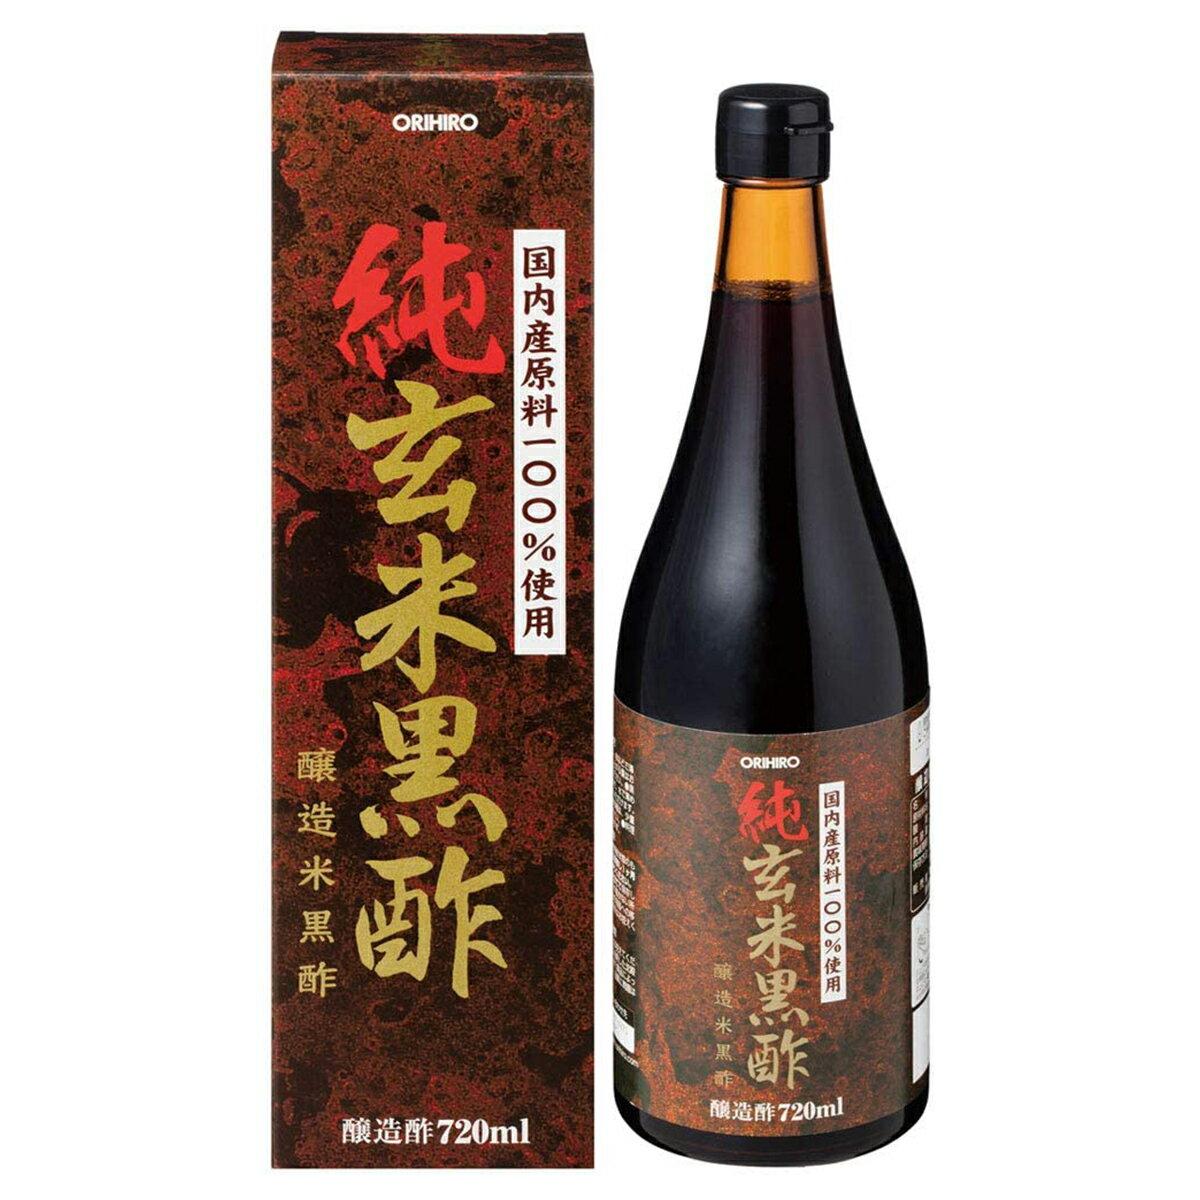 オリヒロ 純玄米黒酢(720ml)_